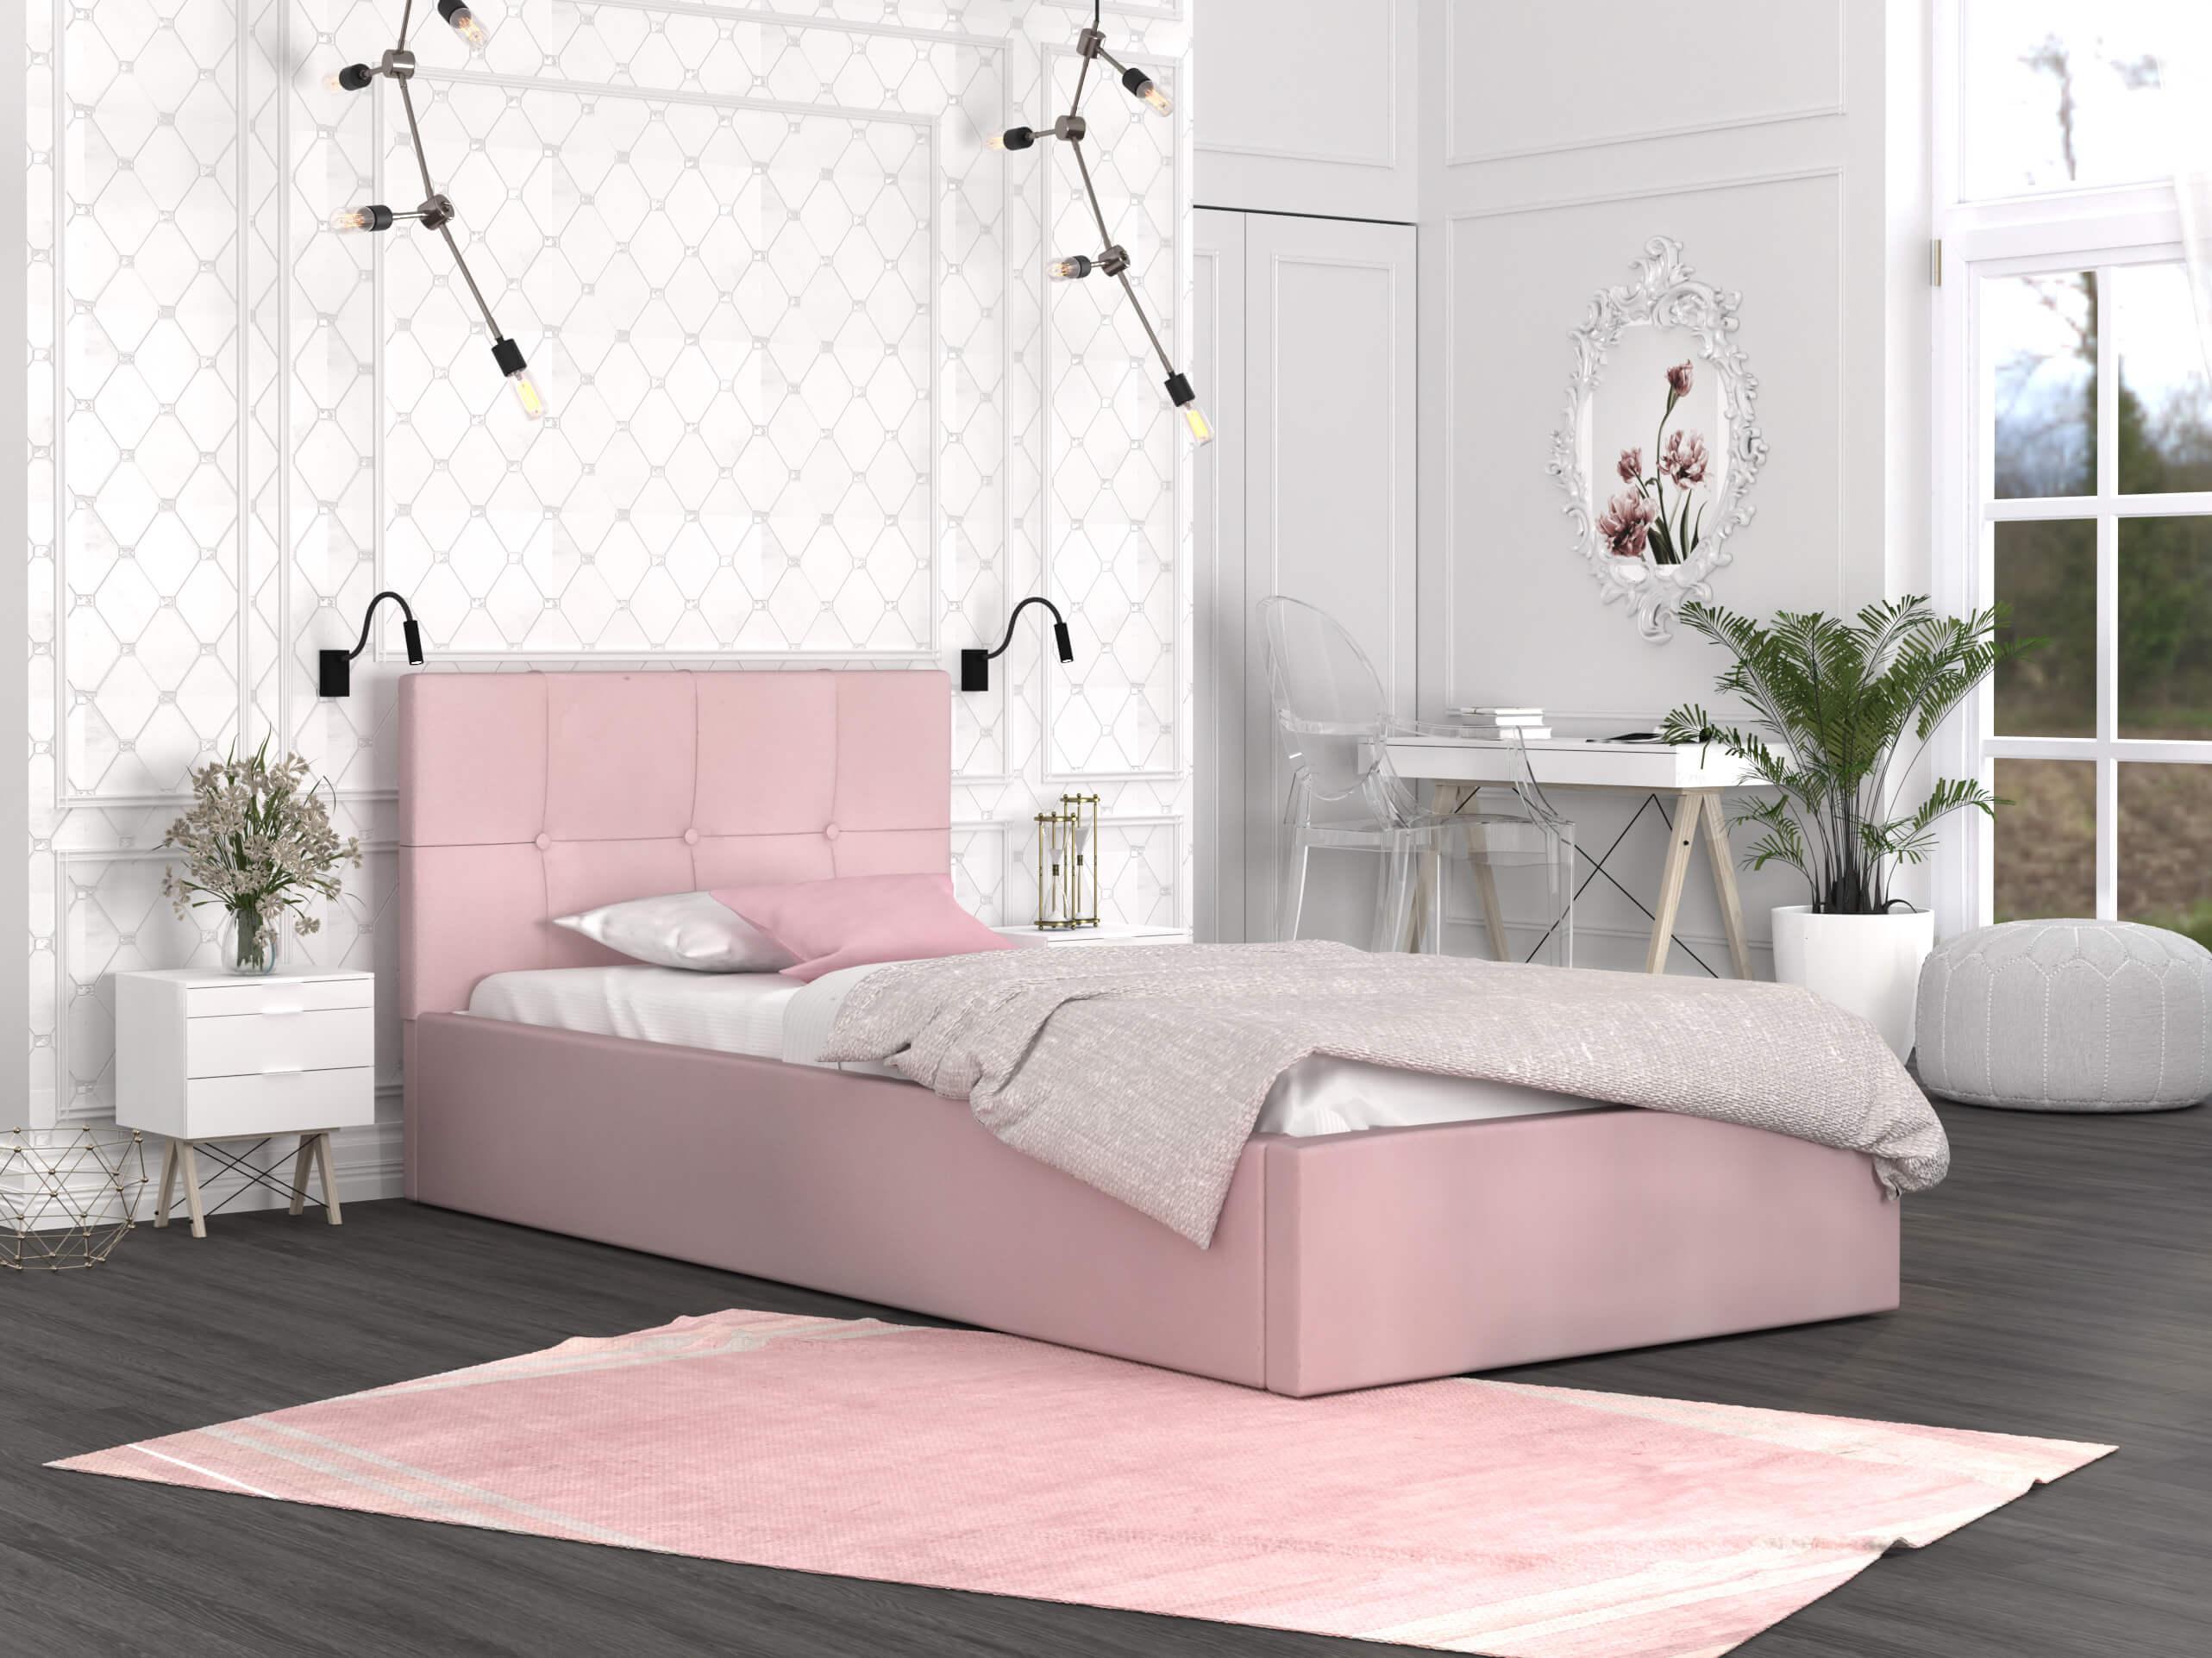 GM Čalúnená jednolôžková posteľ Ingrit 90x200 - ružová